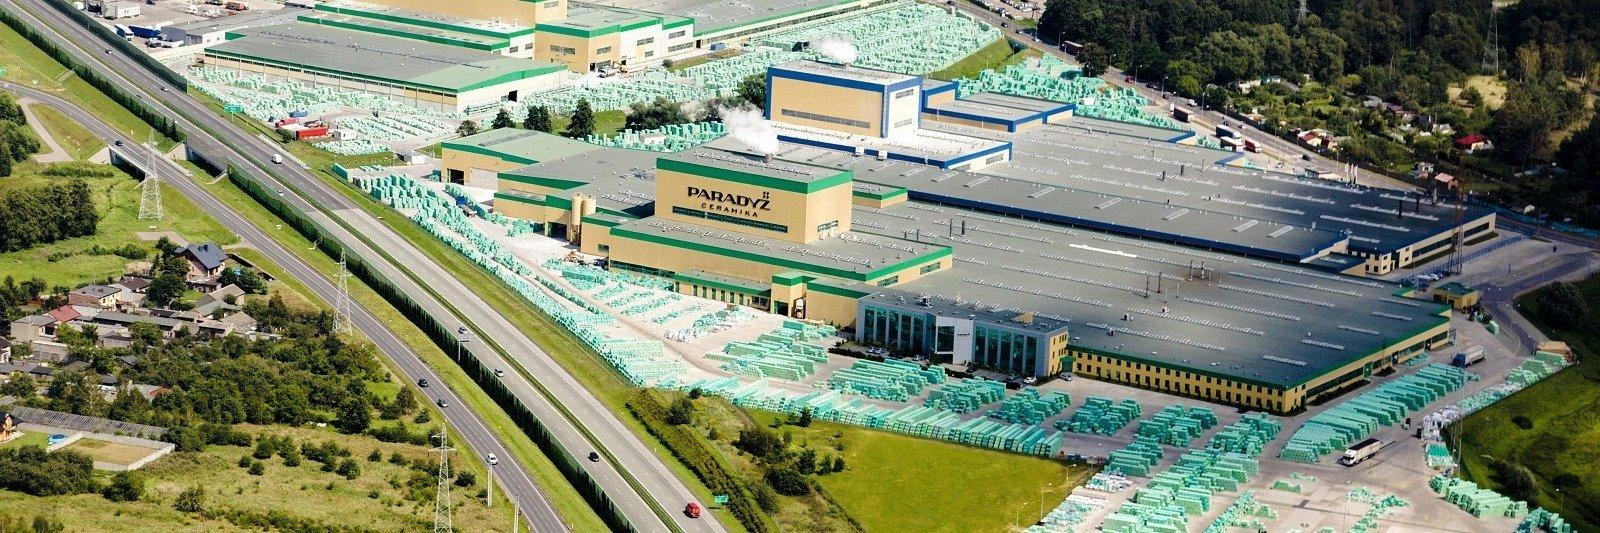 Ceramika Paradyż zainwestuje 125 mln złotych w innowacyjną na skalę światową technologię